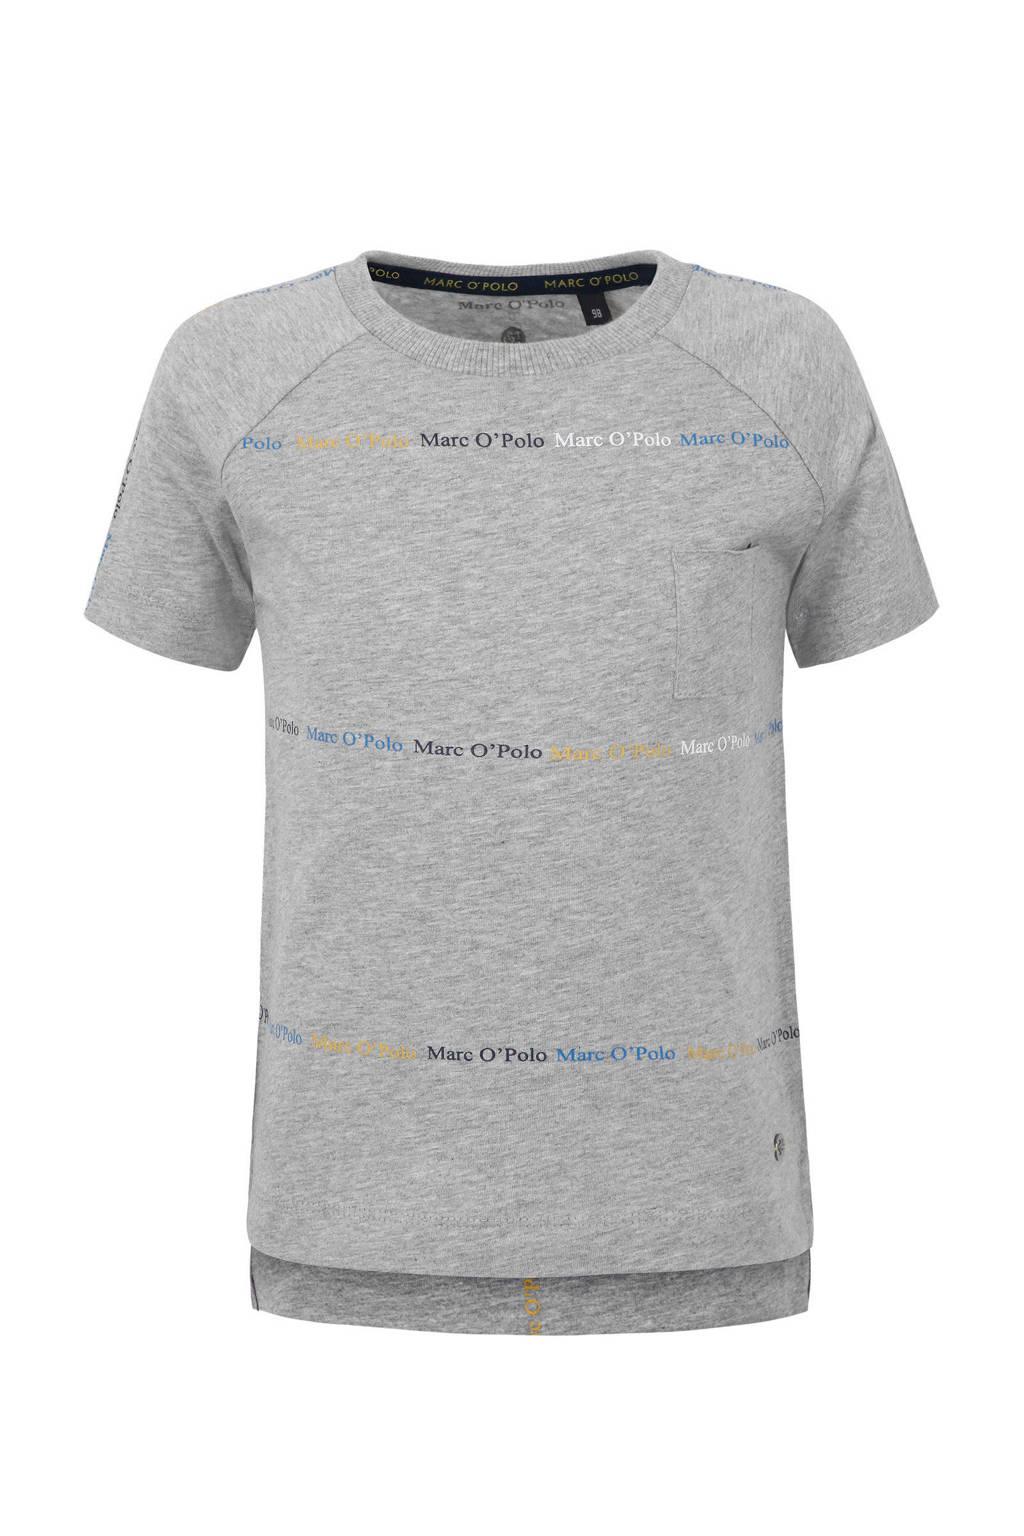 Marc O'Polo T-shirt met logo grijs melange, Grijs melange